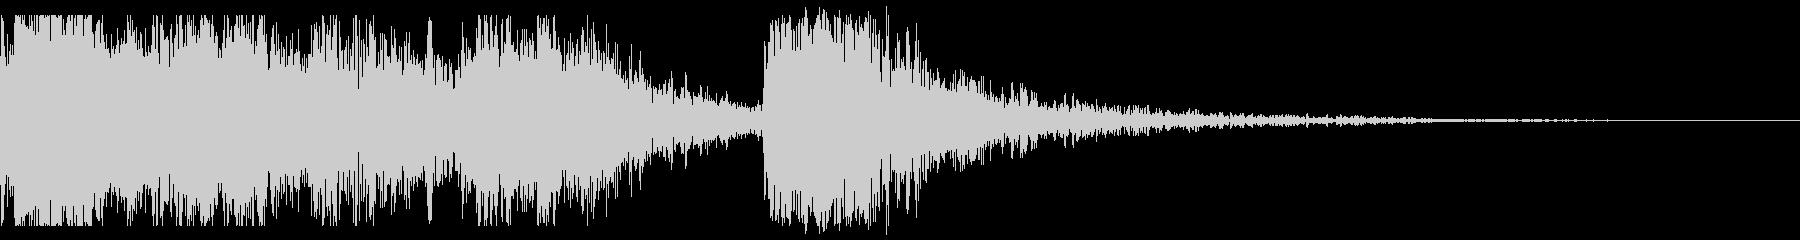 和+オーケストのインパクトのあるジングルの未再生の波形